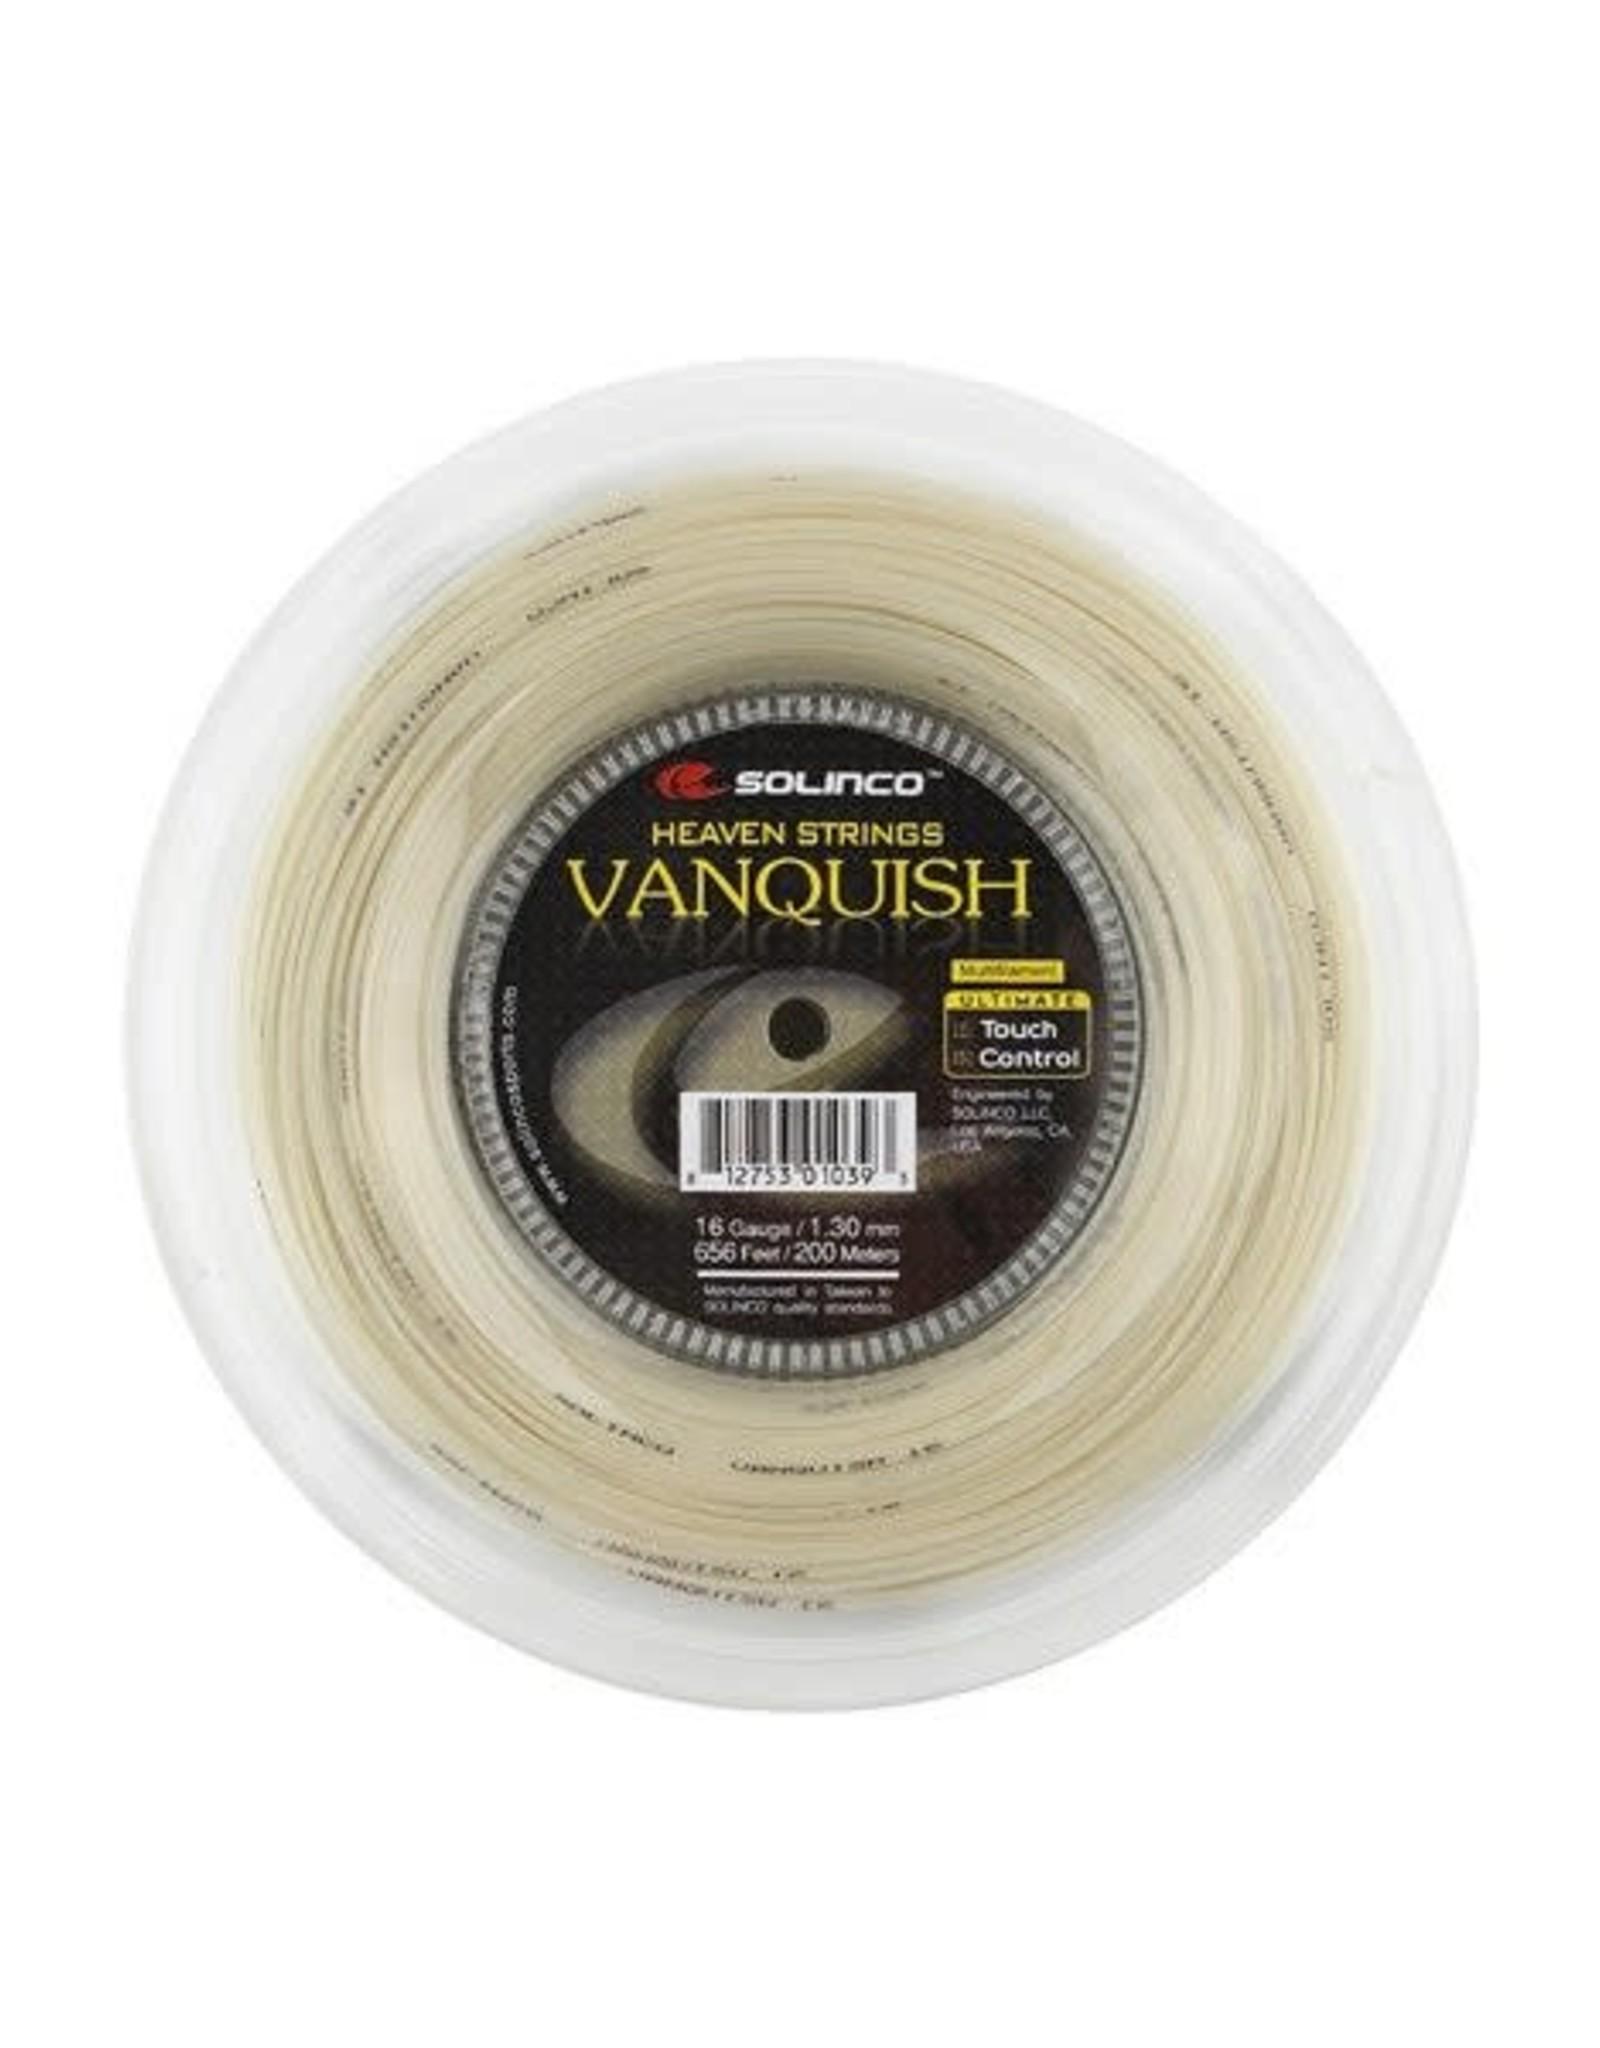 Solinco Vanquish reel